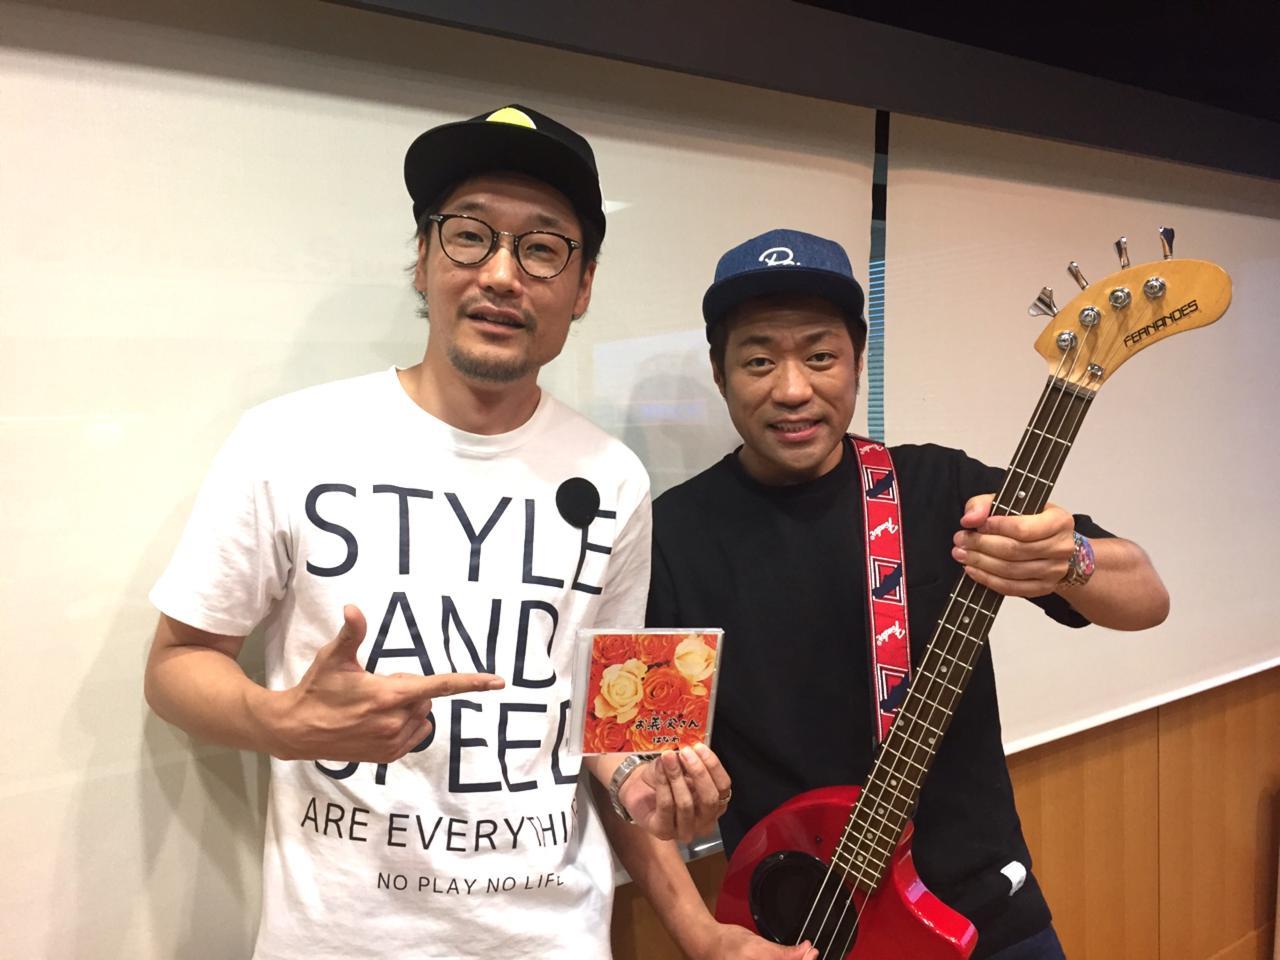 画像: 生演奏もしてくださった「はなわ」さん!「佐賀県」ど世代のスタッフも感動のゲストコーナーでした!